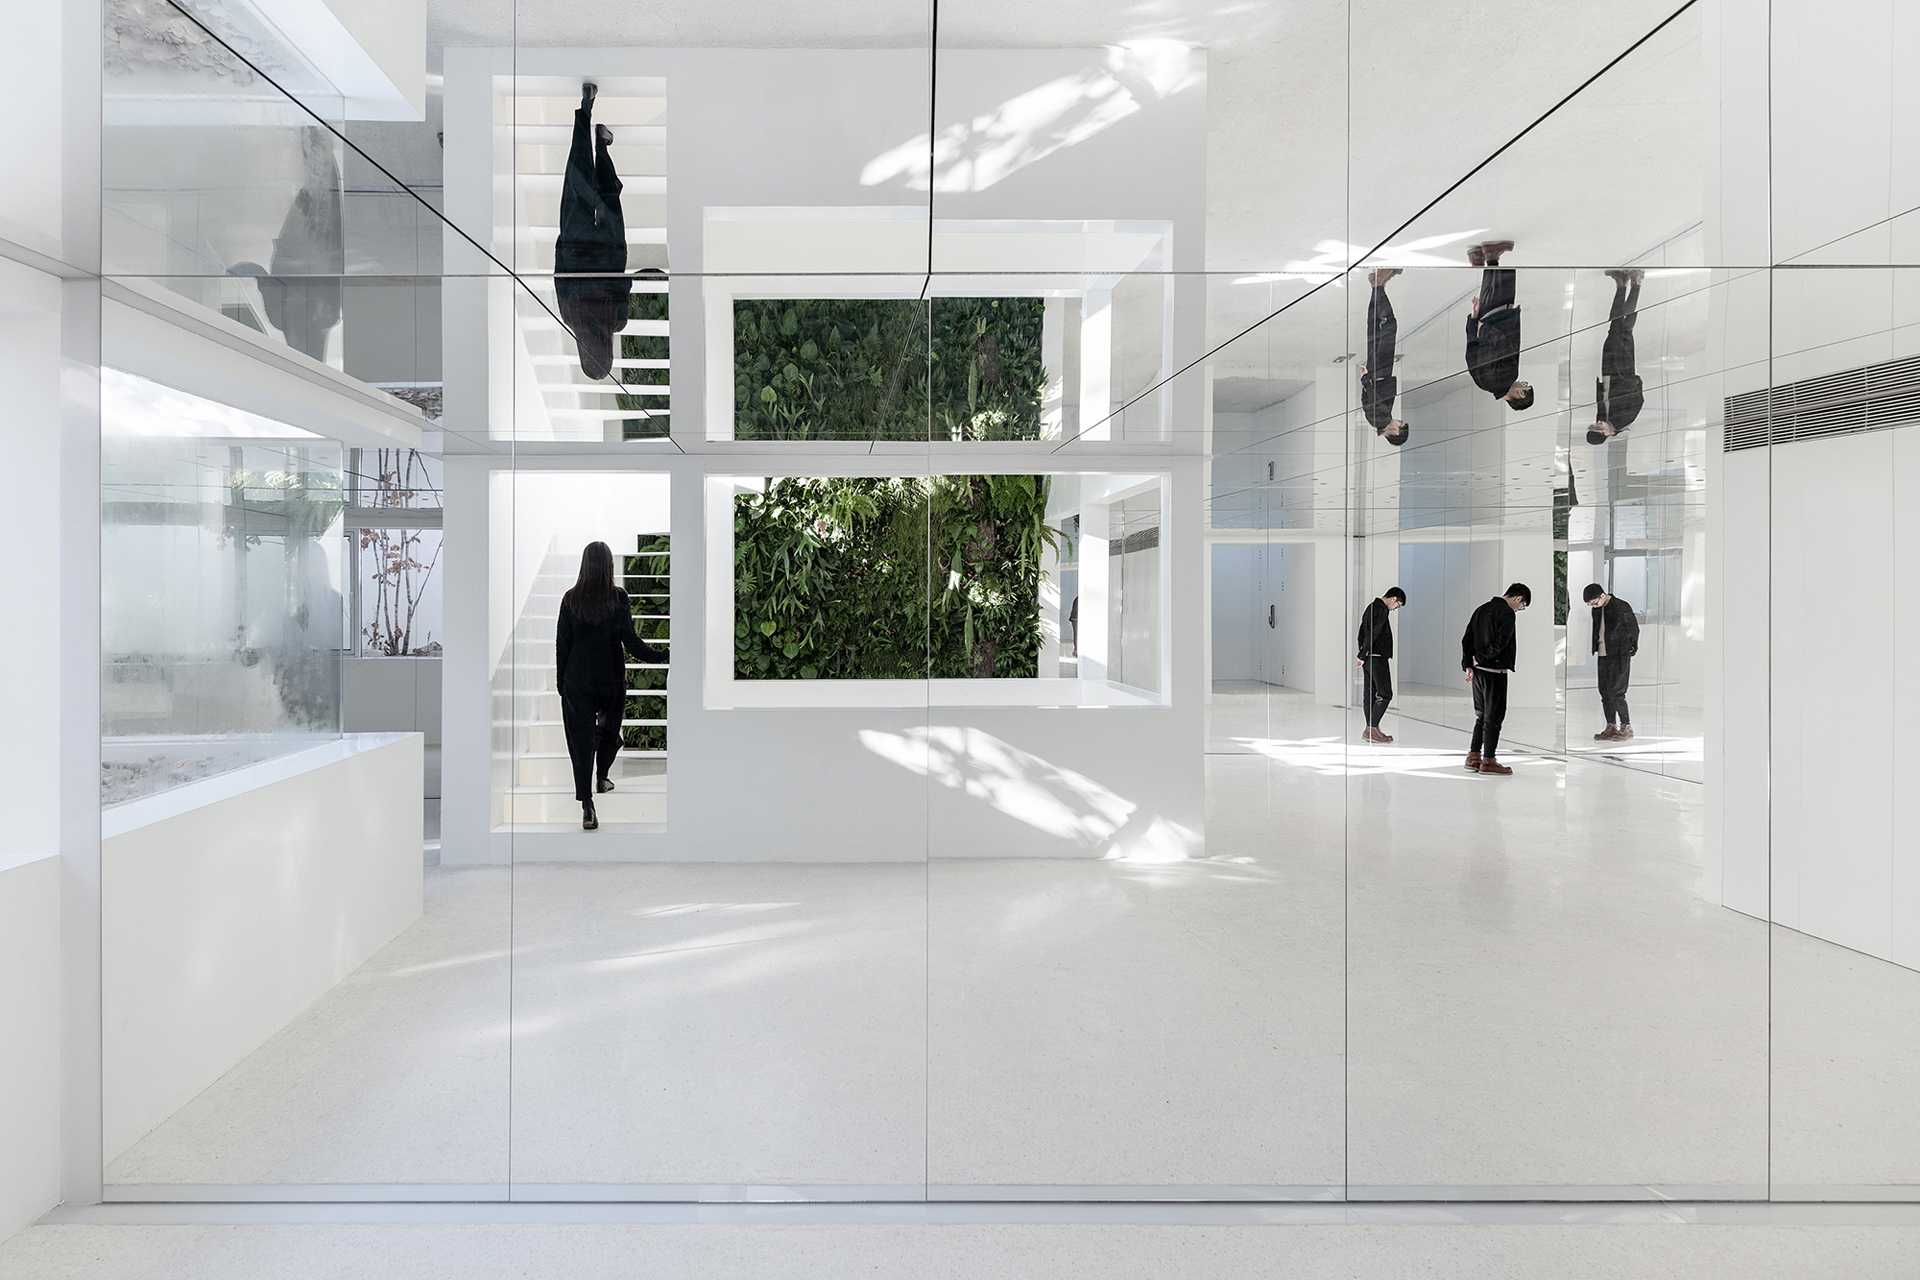 Mirror Garden  - 3 Wang Ning 35